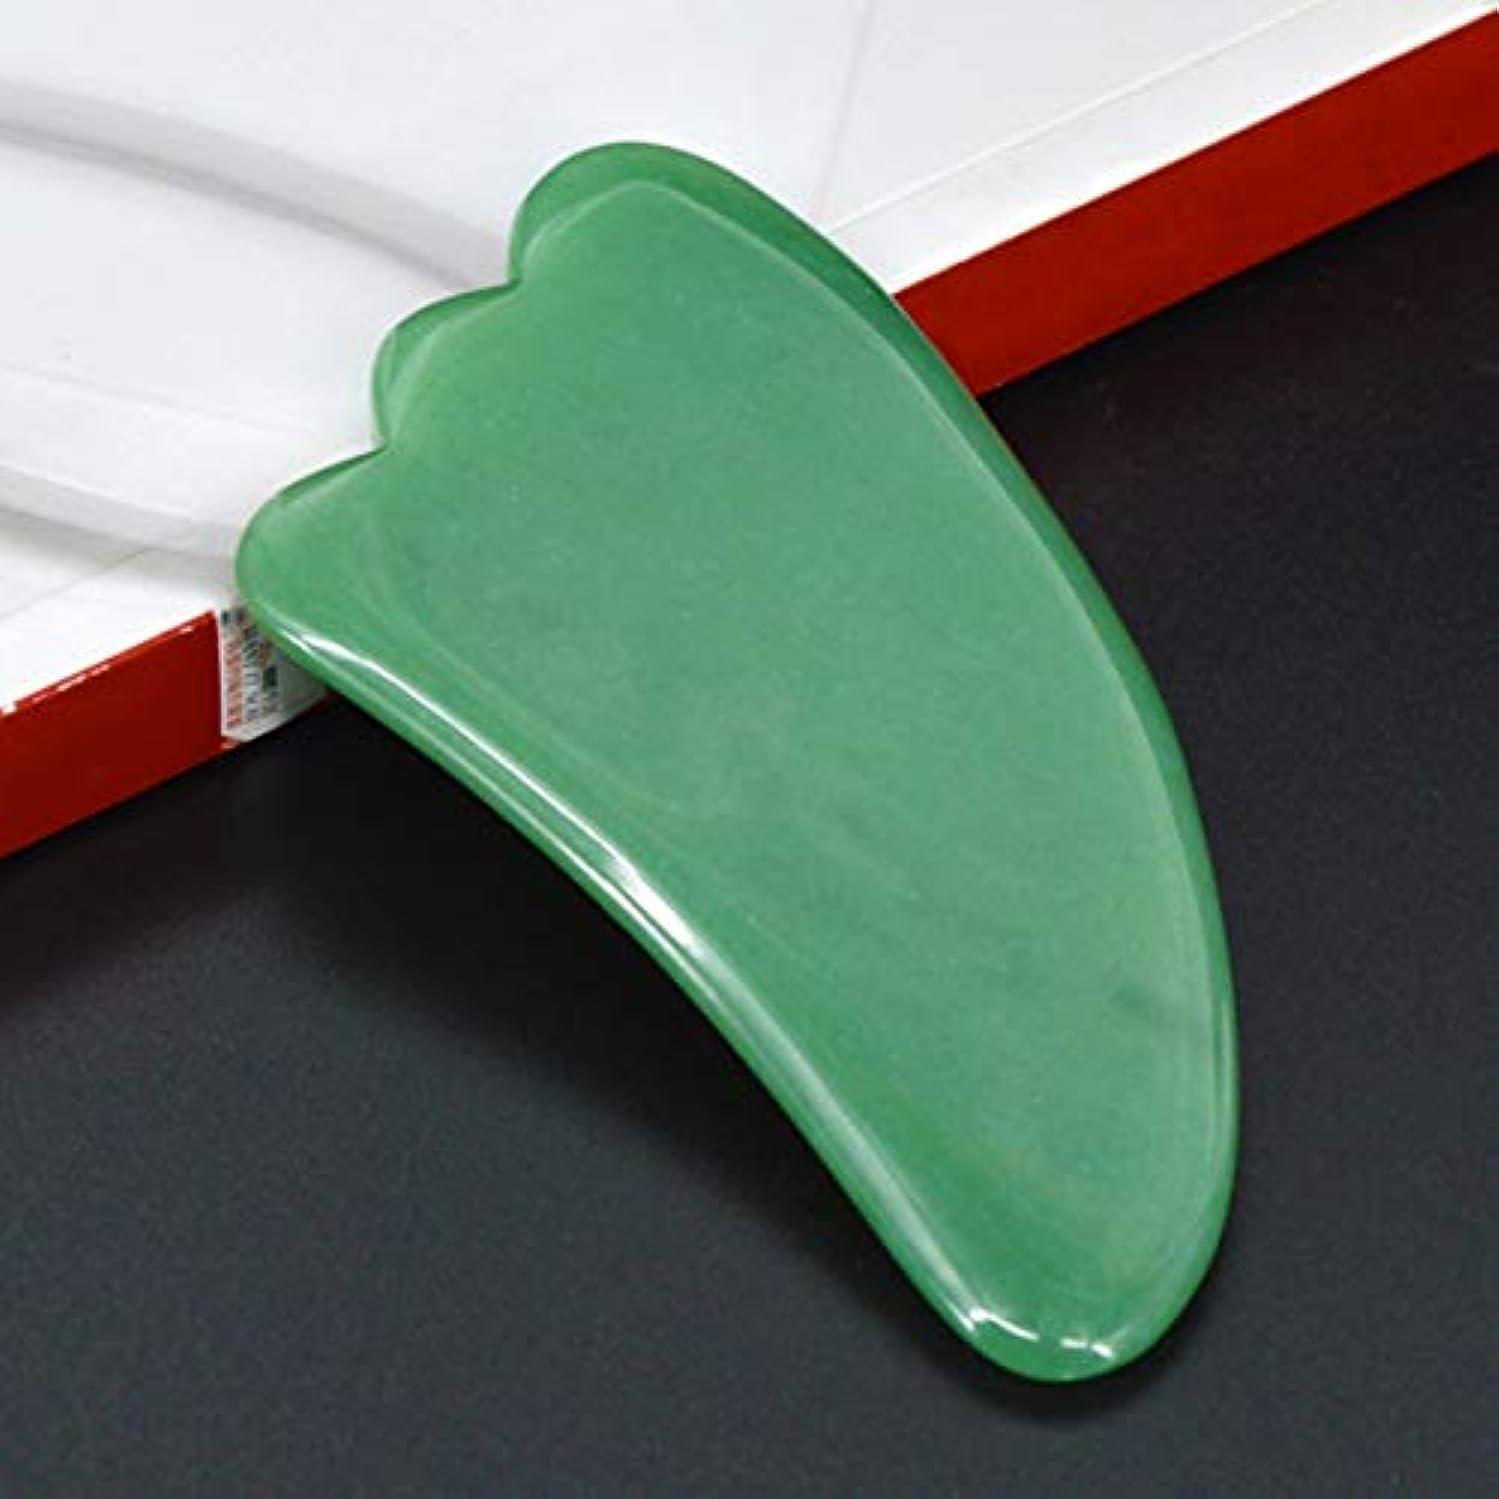 好き貧しい管理者Compact Size Gua Sha Facial Treatment Massage Tool Chinese Natural Jade Scraping Tools Massage Healing Tool